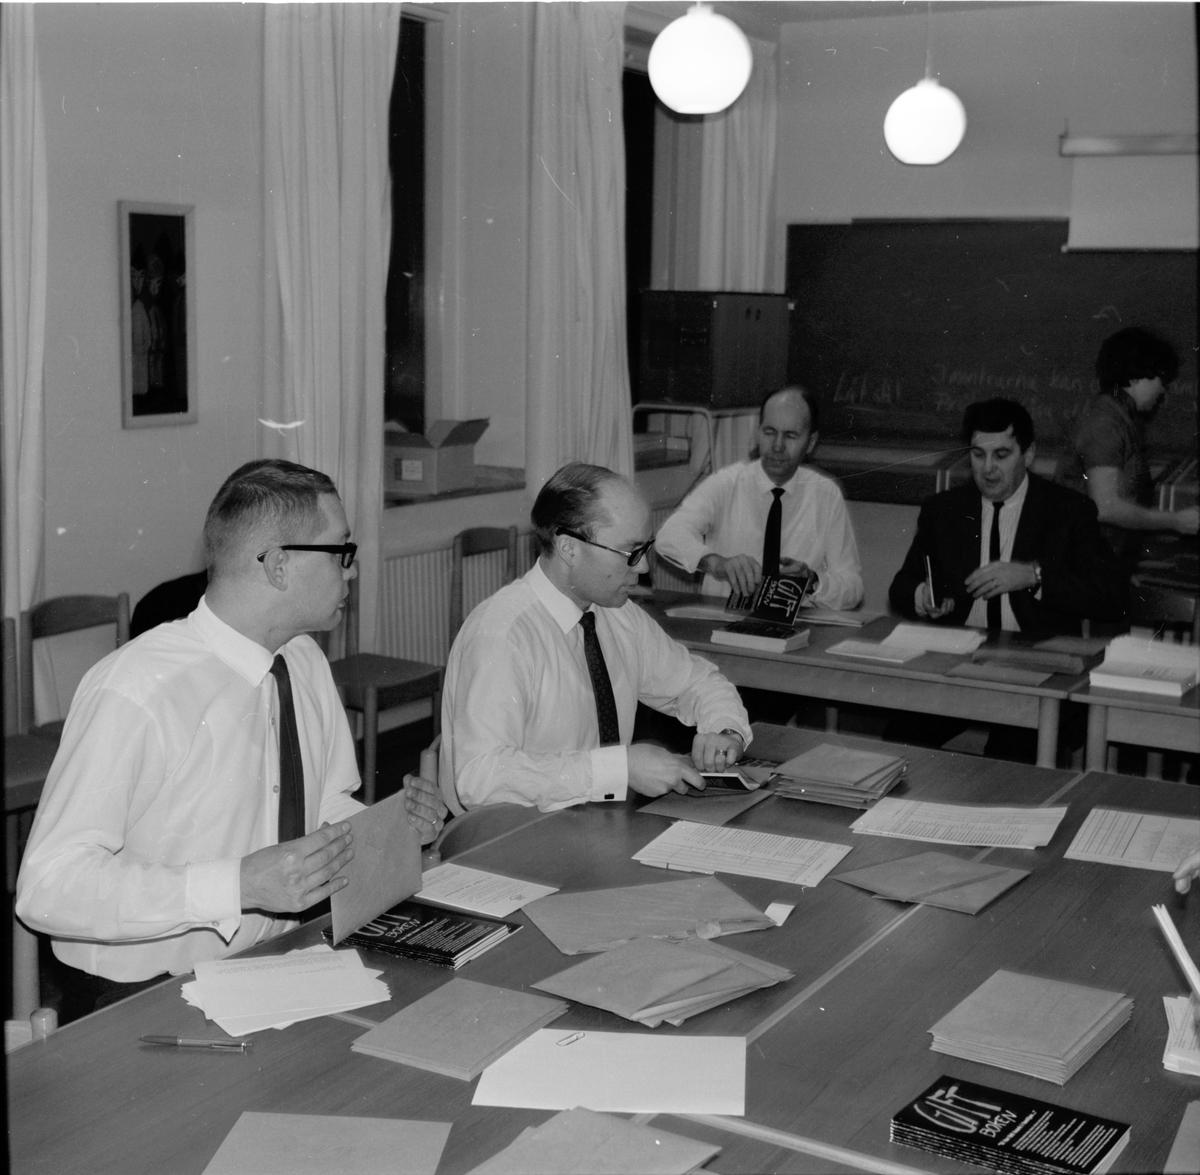 Arbrå, Hem och skola, Narkotikaaktion, 30 Januari 1969